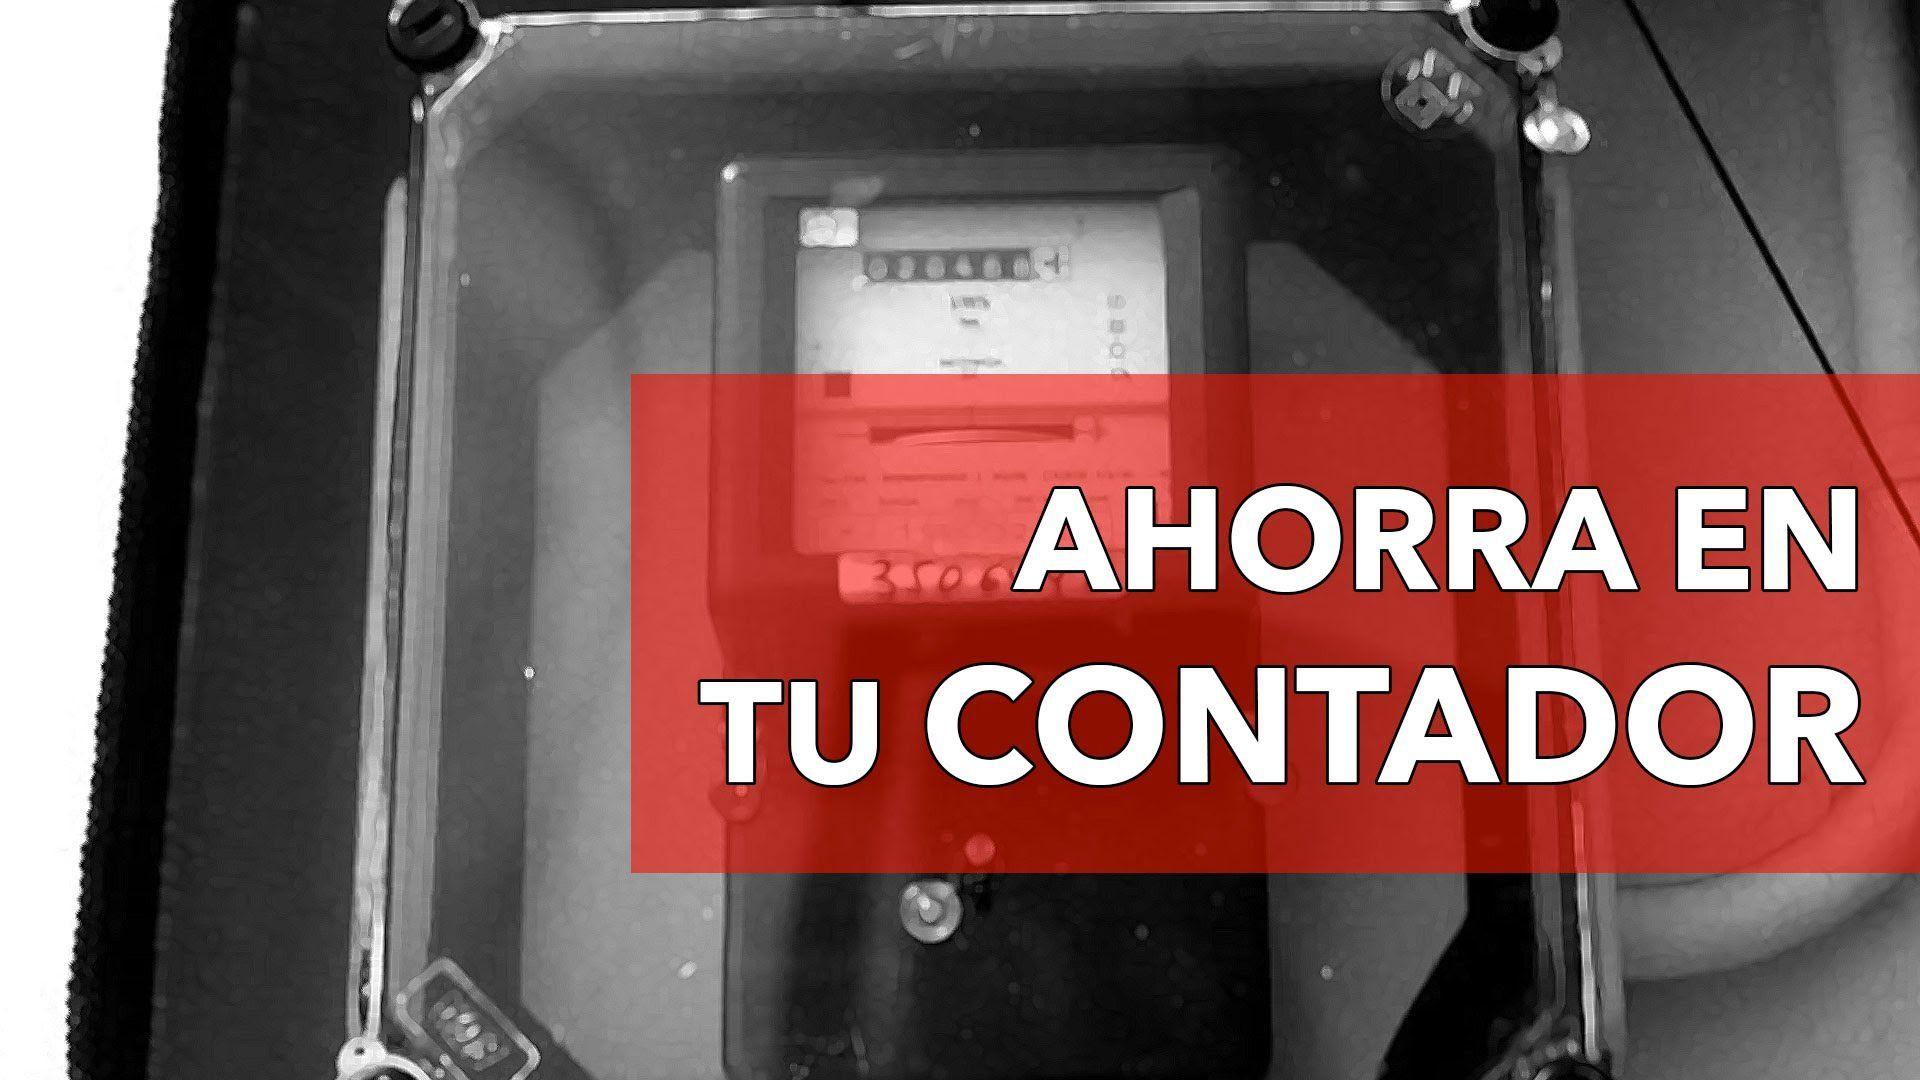 Ahorrar En La Factura De La Luz Trucos Ahorrar Contador De La Luz  ~ Trucos Para Ahorrar Calefaccion